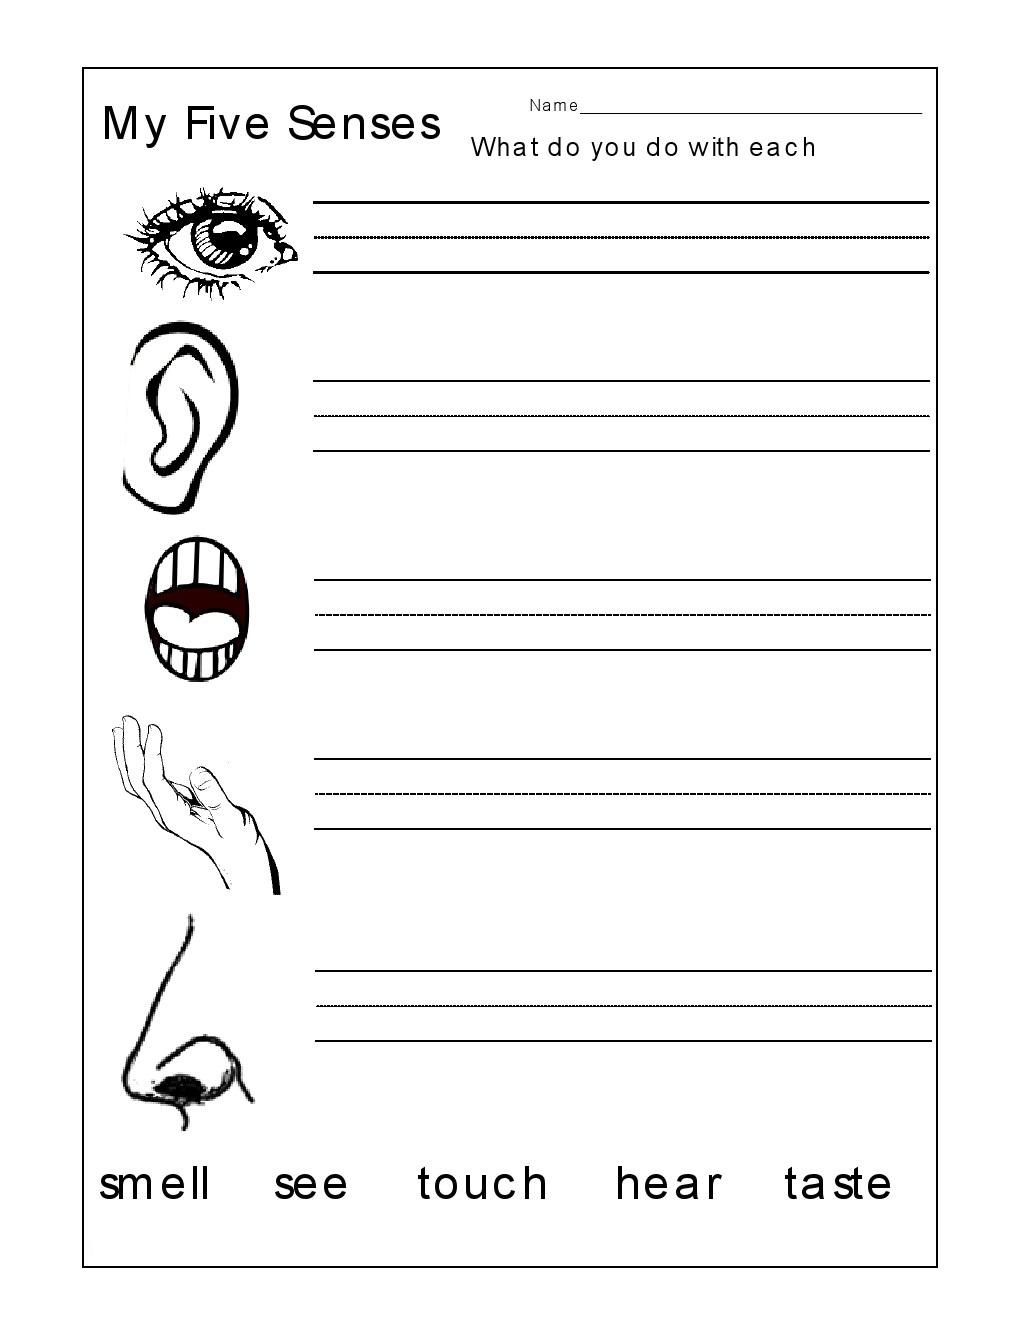 Five Senses Worksheets For Kindergarten The Best Worksheets Image